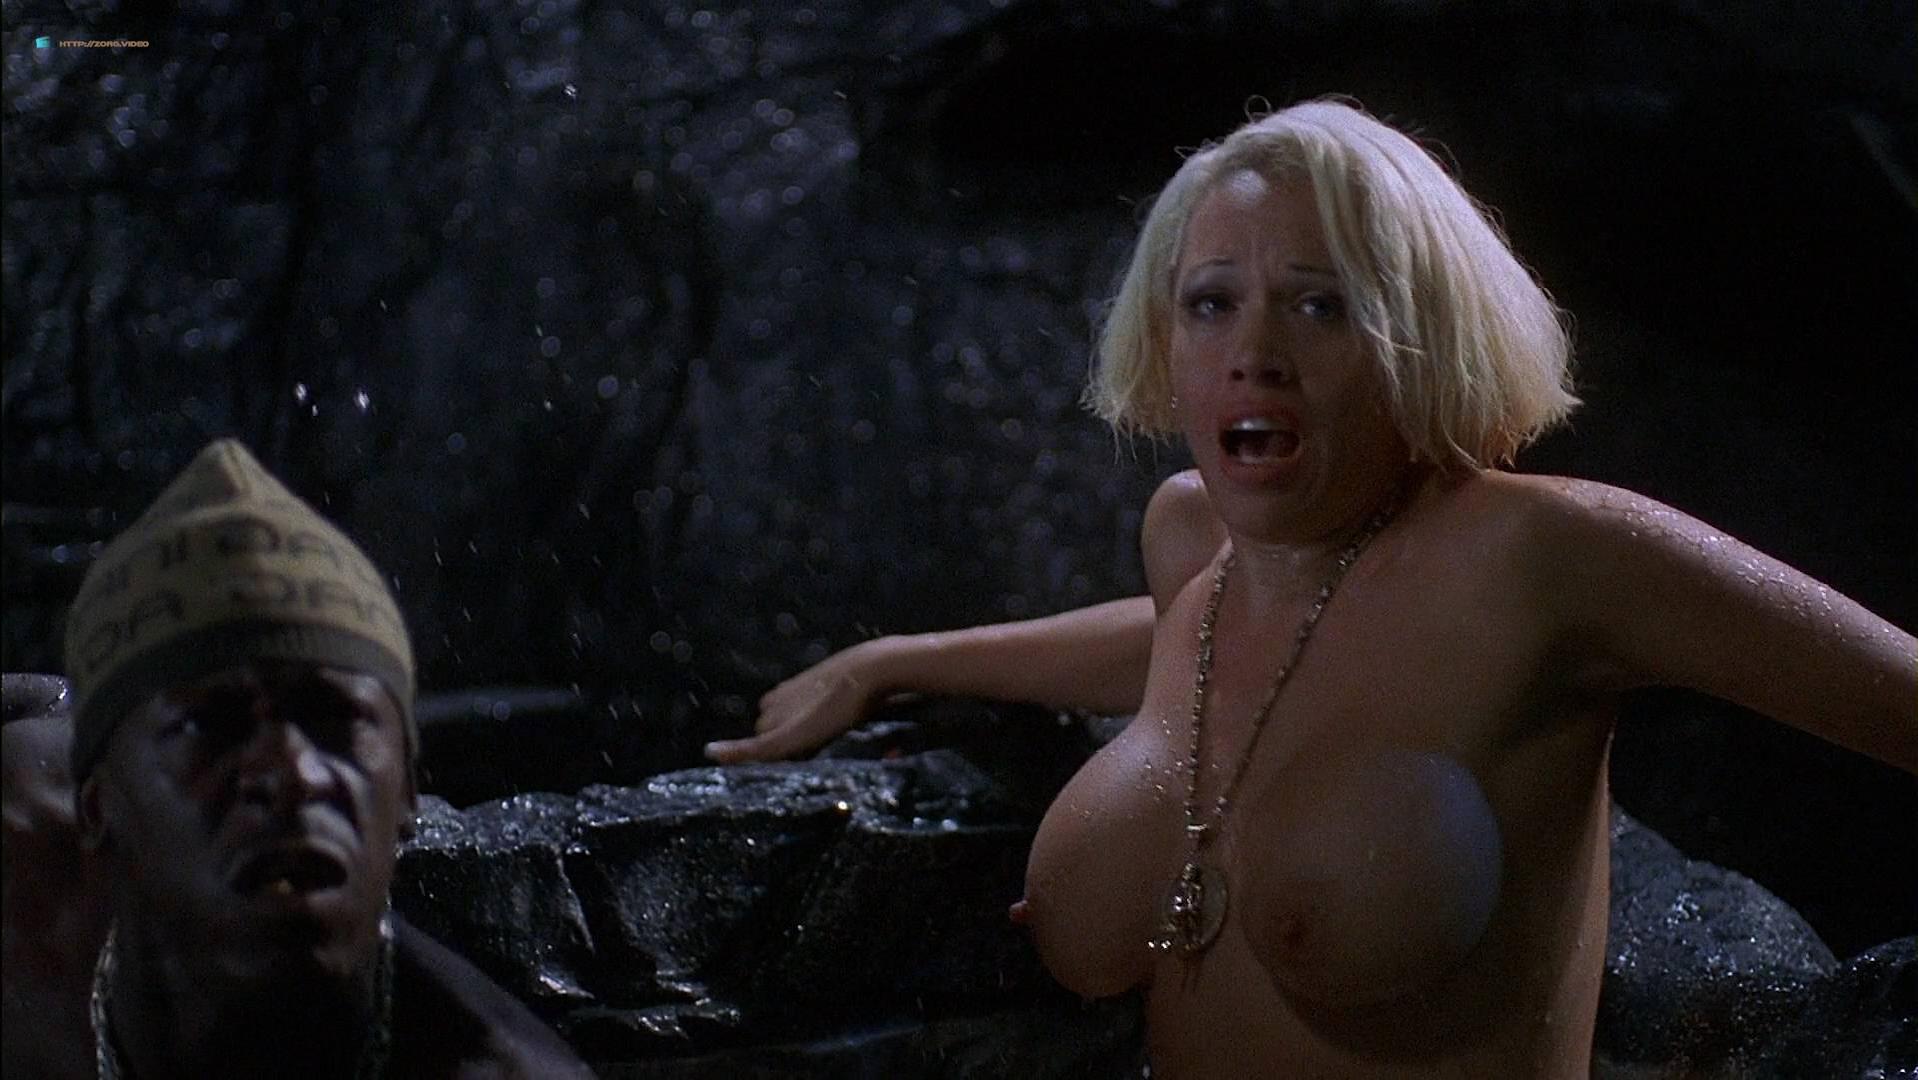 Deborah francois nude in my queen karo 2009 - 1 part 2